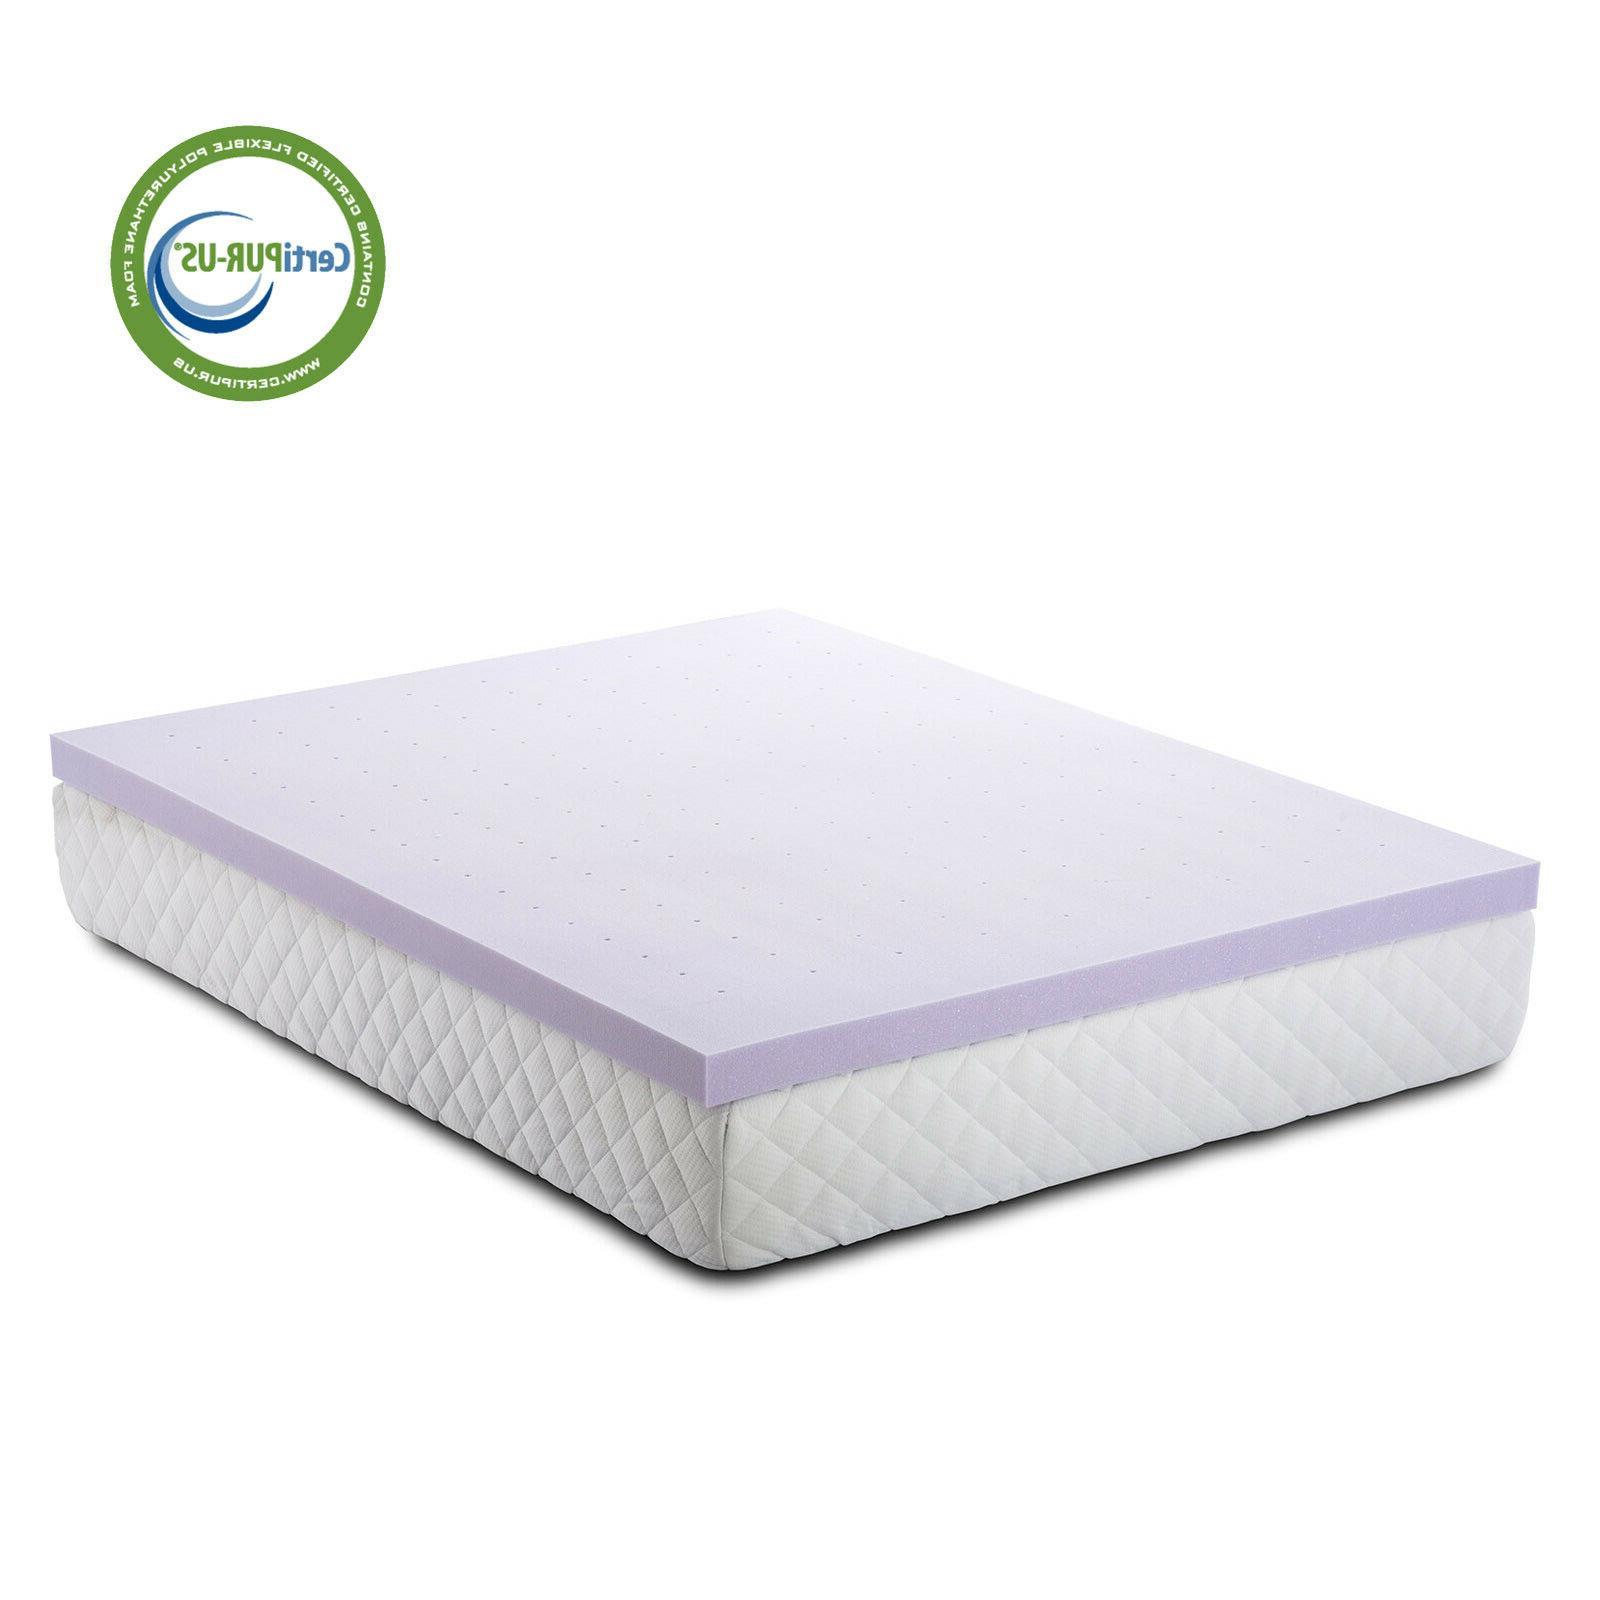 3 Gel Foam Mattress Topper Ventilated